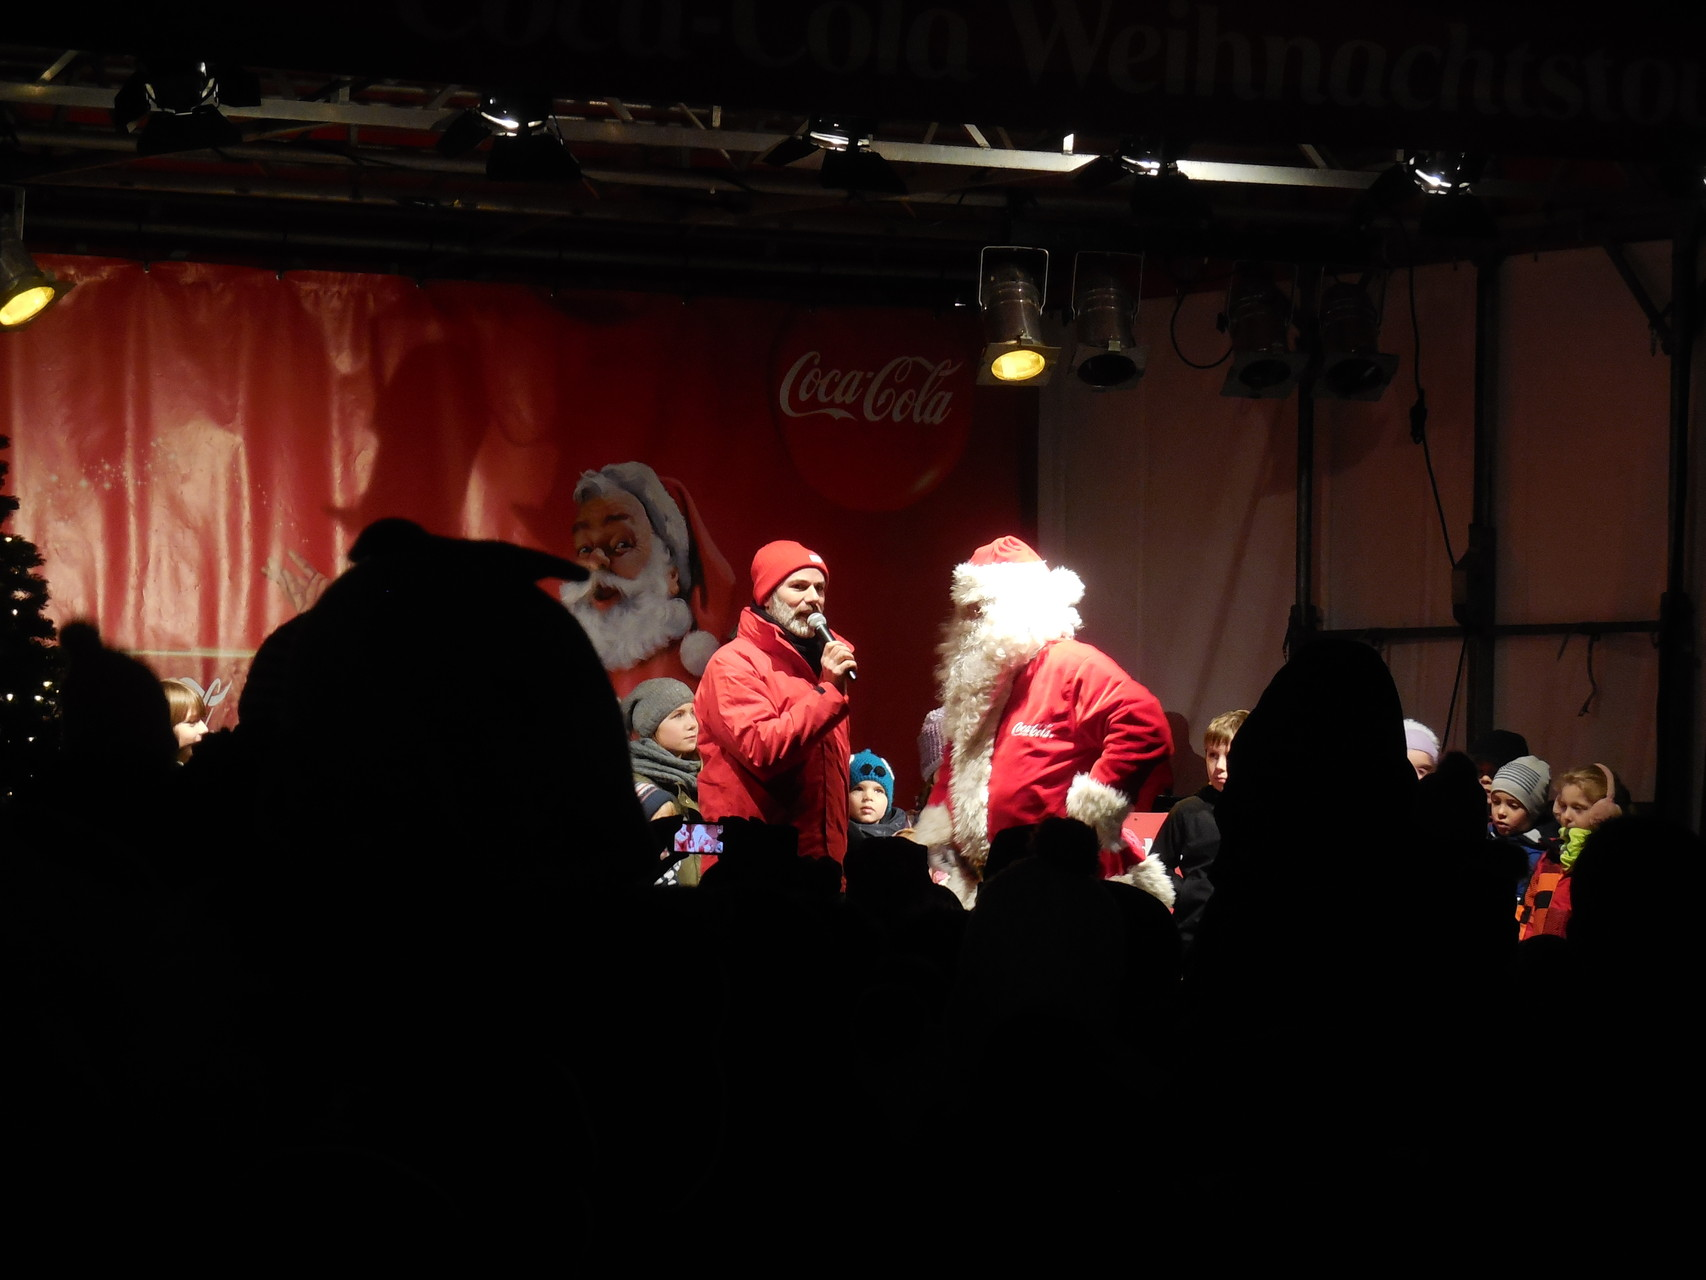 Auf der Bühne erscheint der Weihnachtsmann.